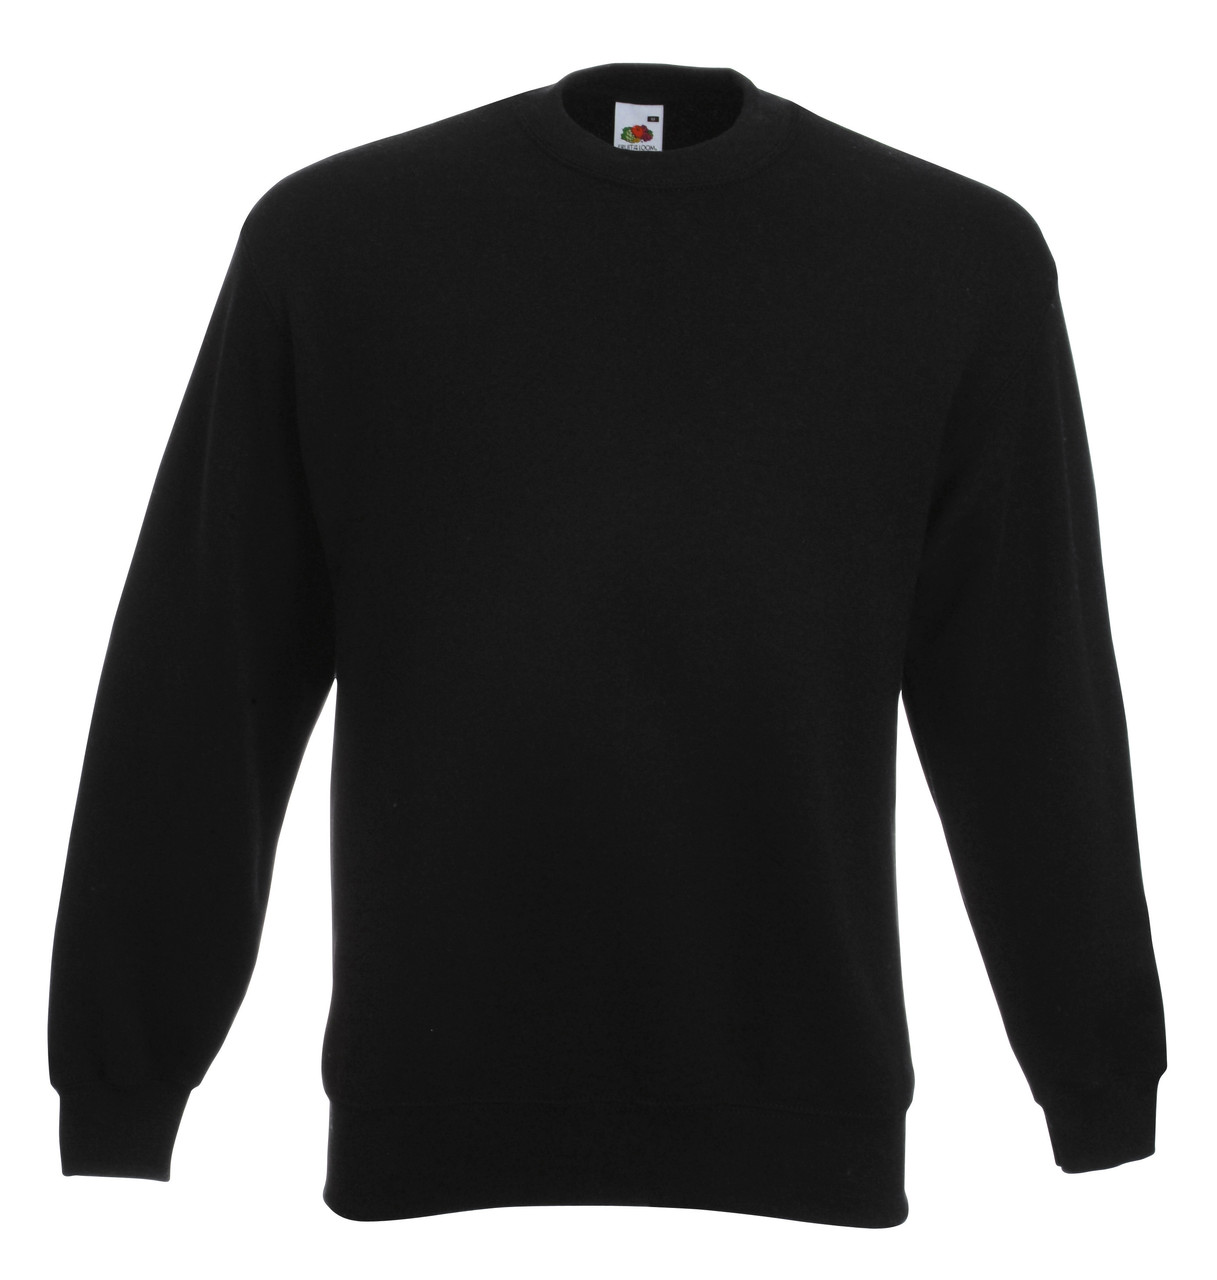 Мужской классический свитер Чёрный  Fruit Of The Loom 62-202-36  M